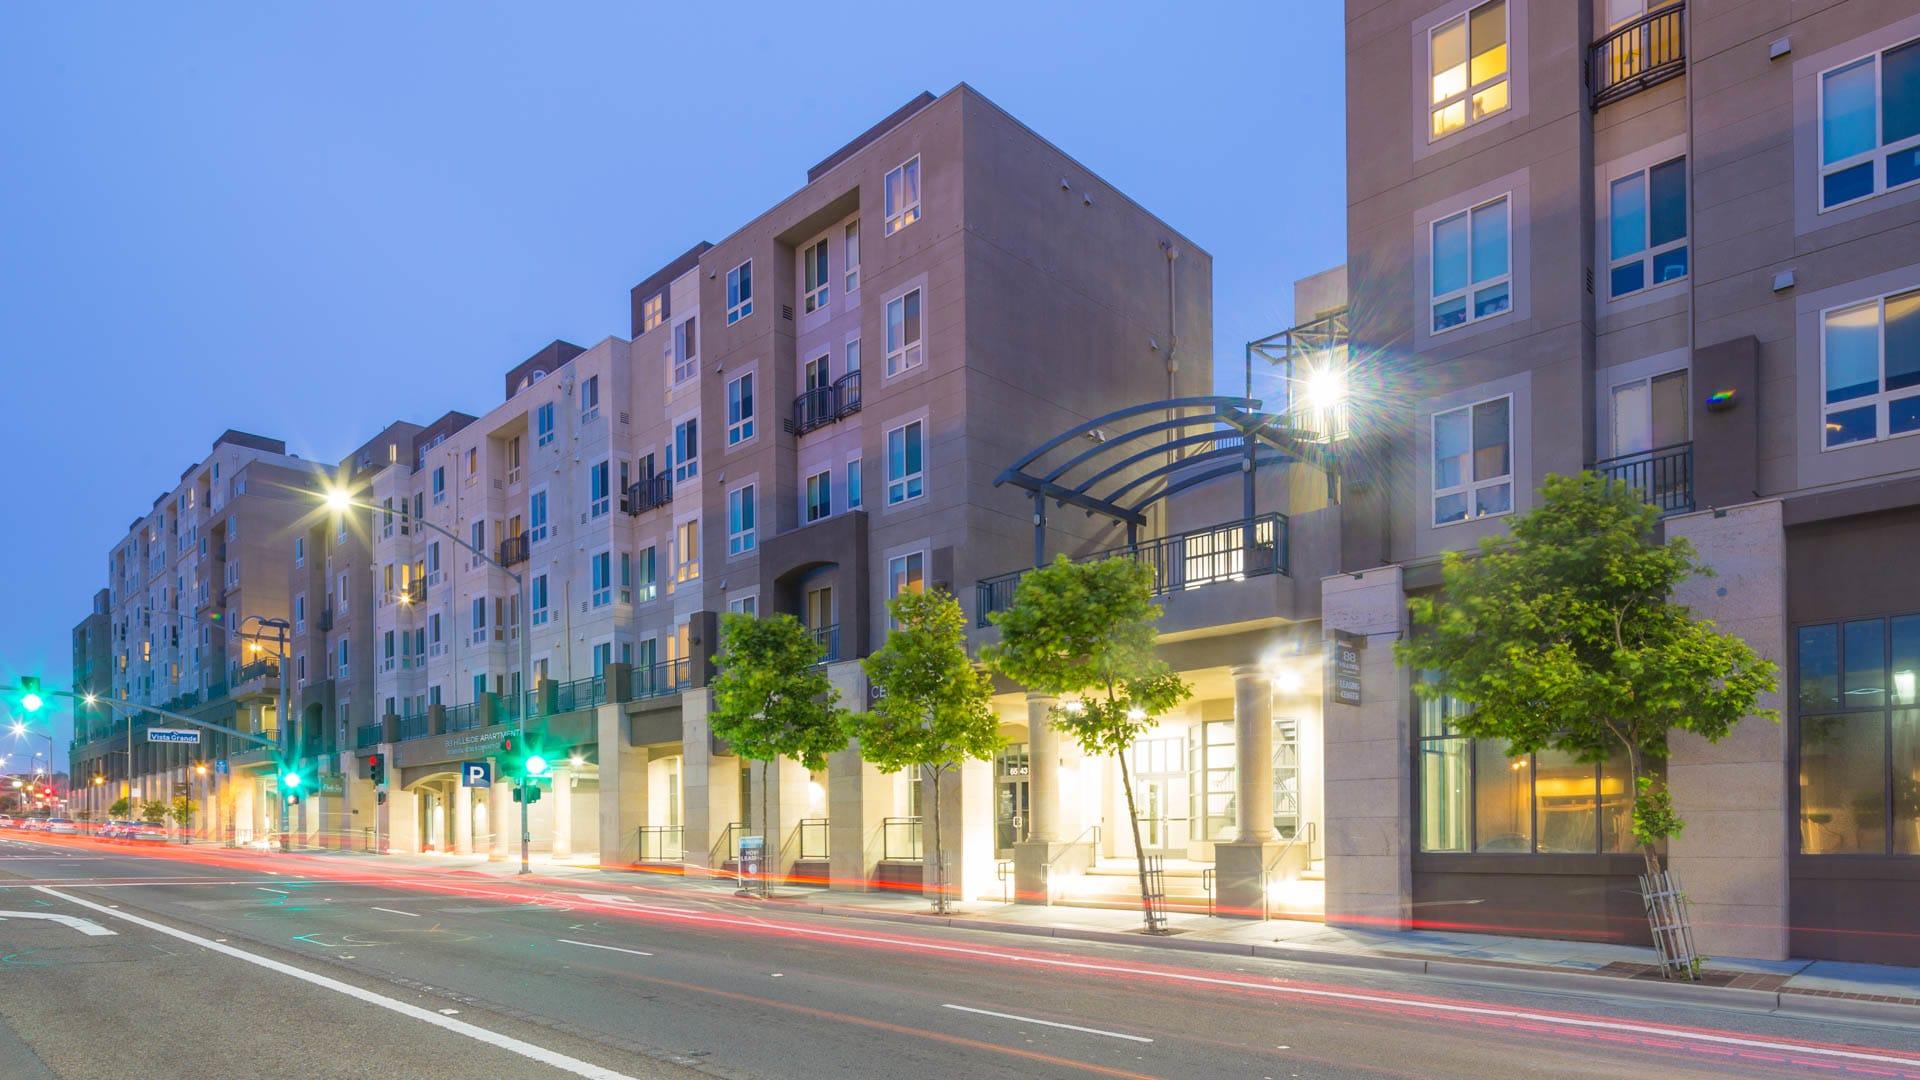 88 Hillside Apartments - Exterior